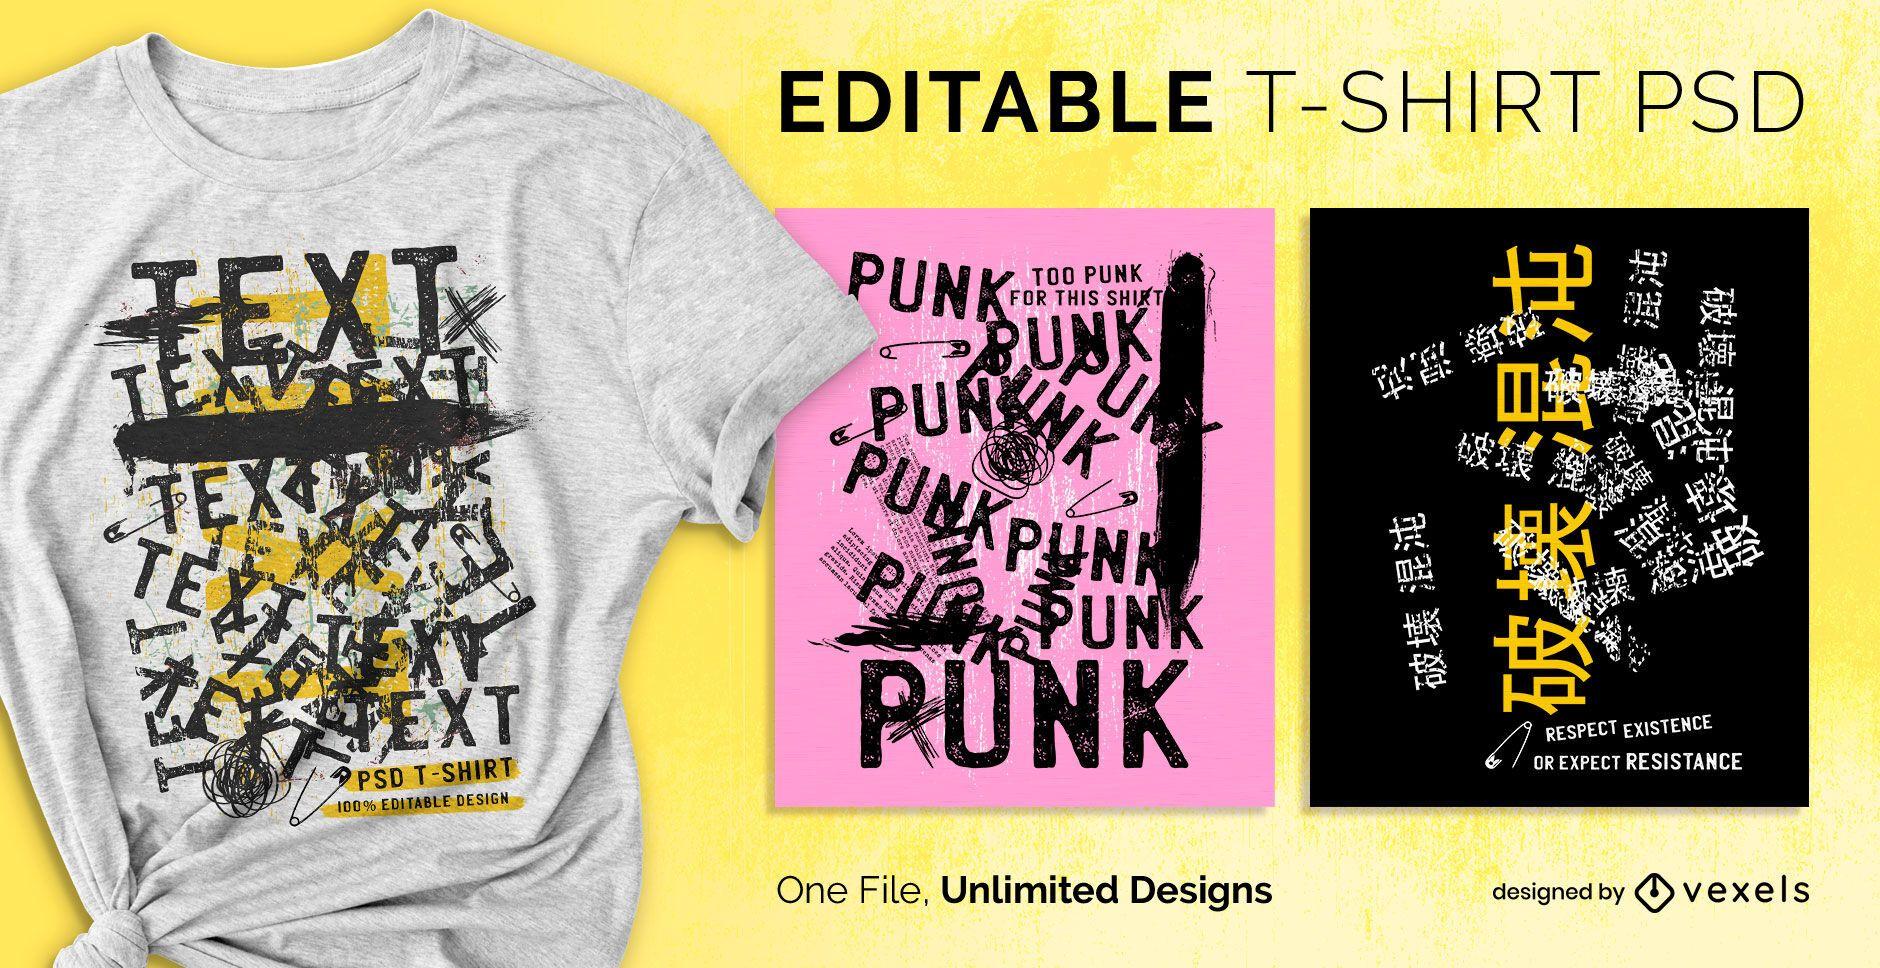 Camiseta escalable texto grunge psd